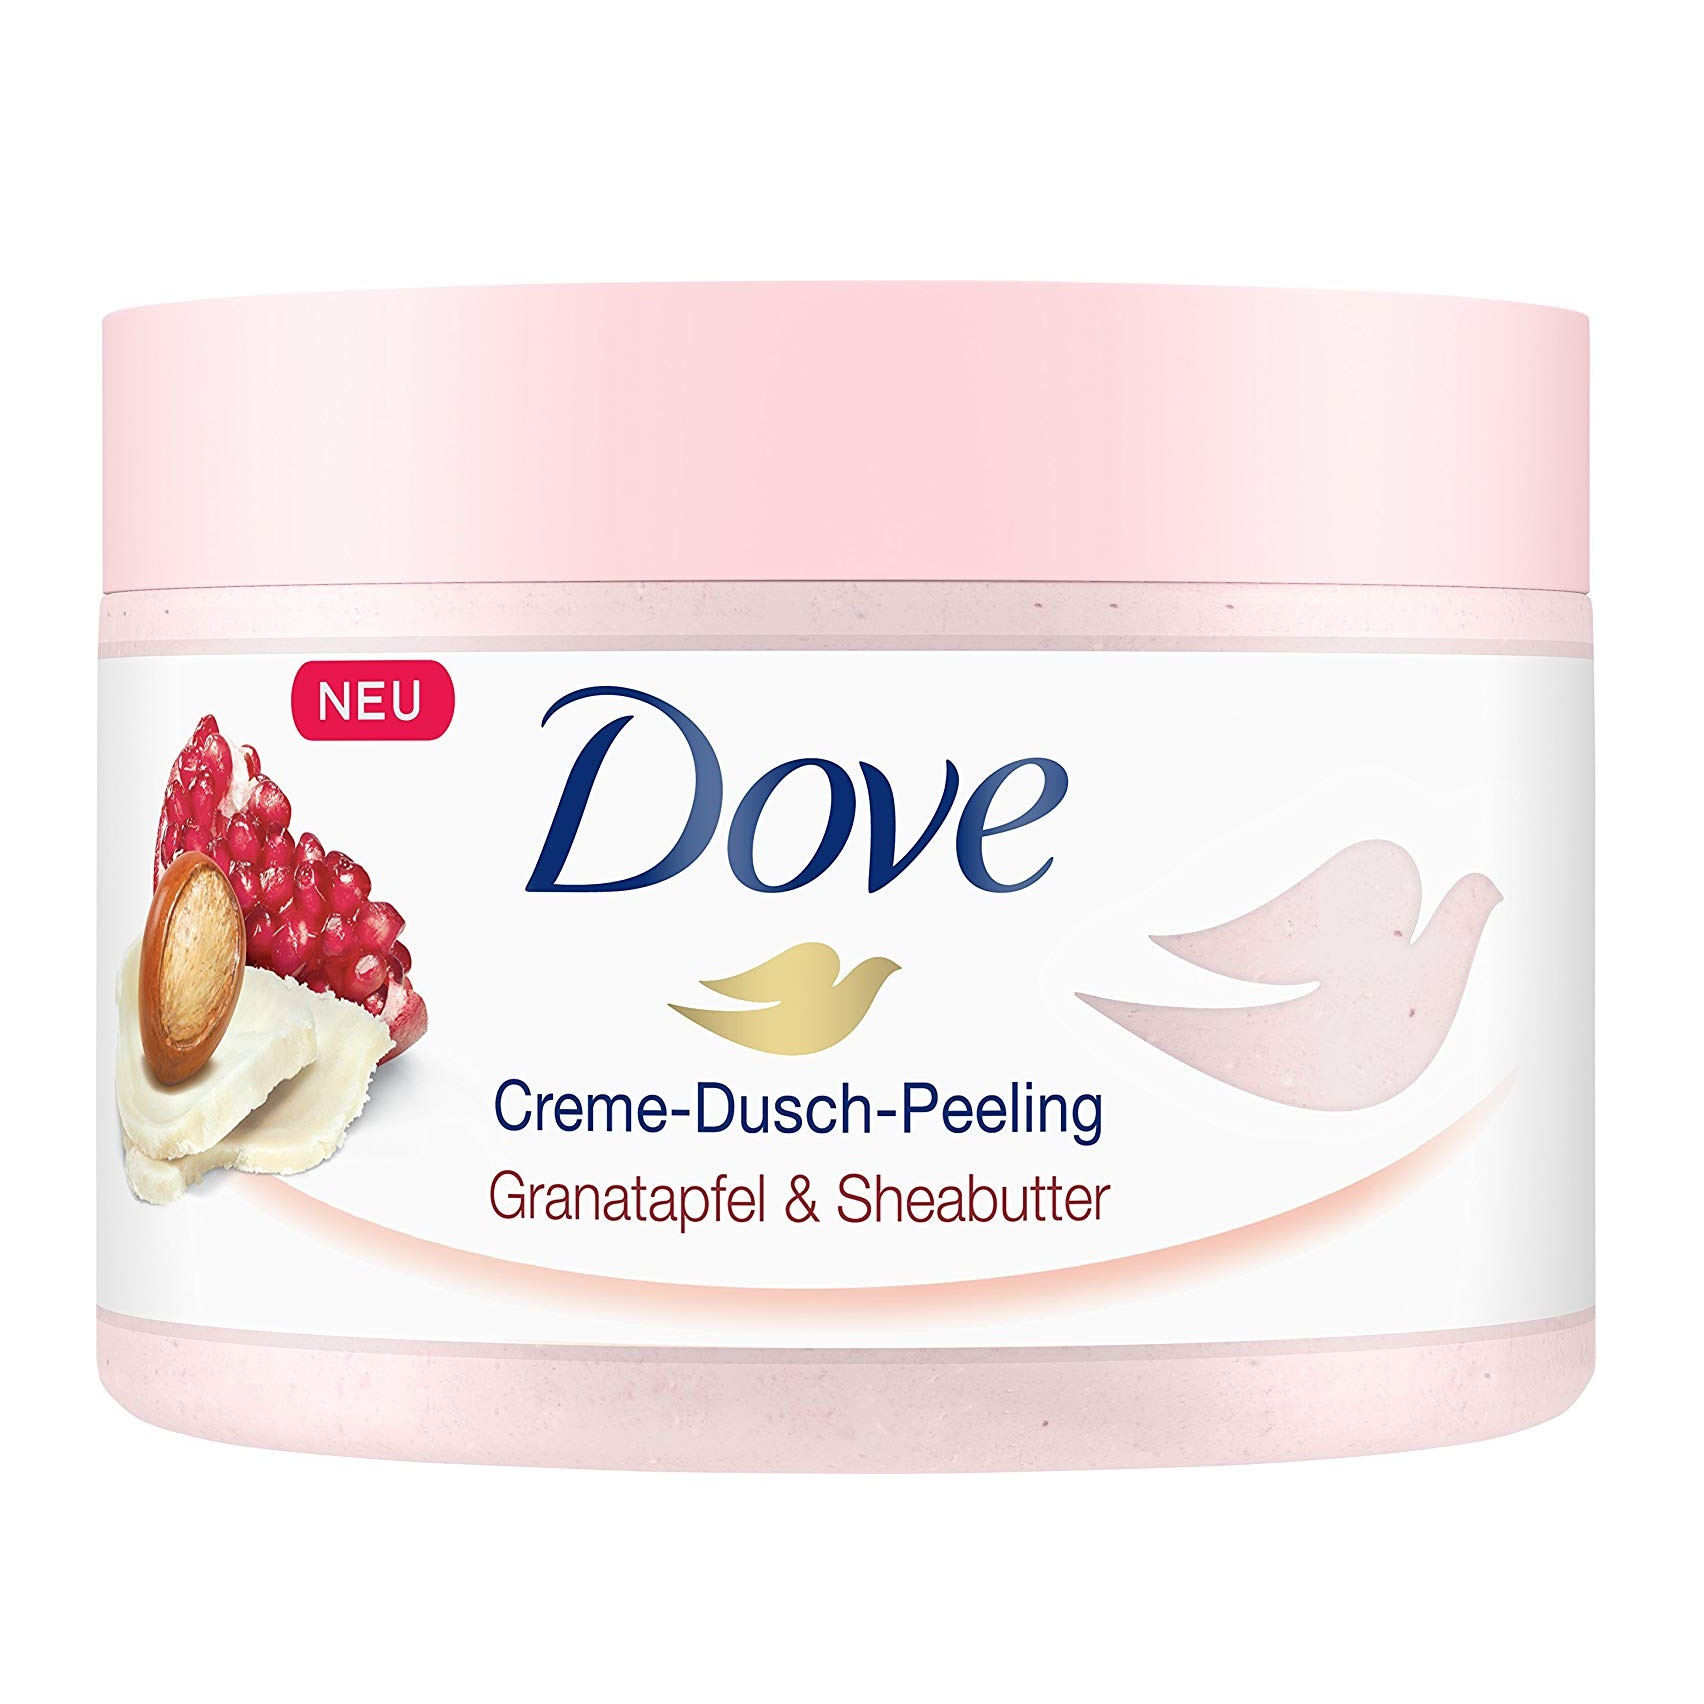 【已斷貨】【中亞Prime會員】Dove 多芬 石榴籽和乳木果風味冰激凌身體磨砂膏 225ml*4罐